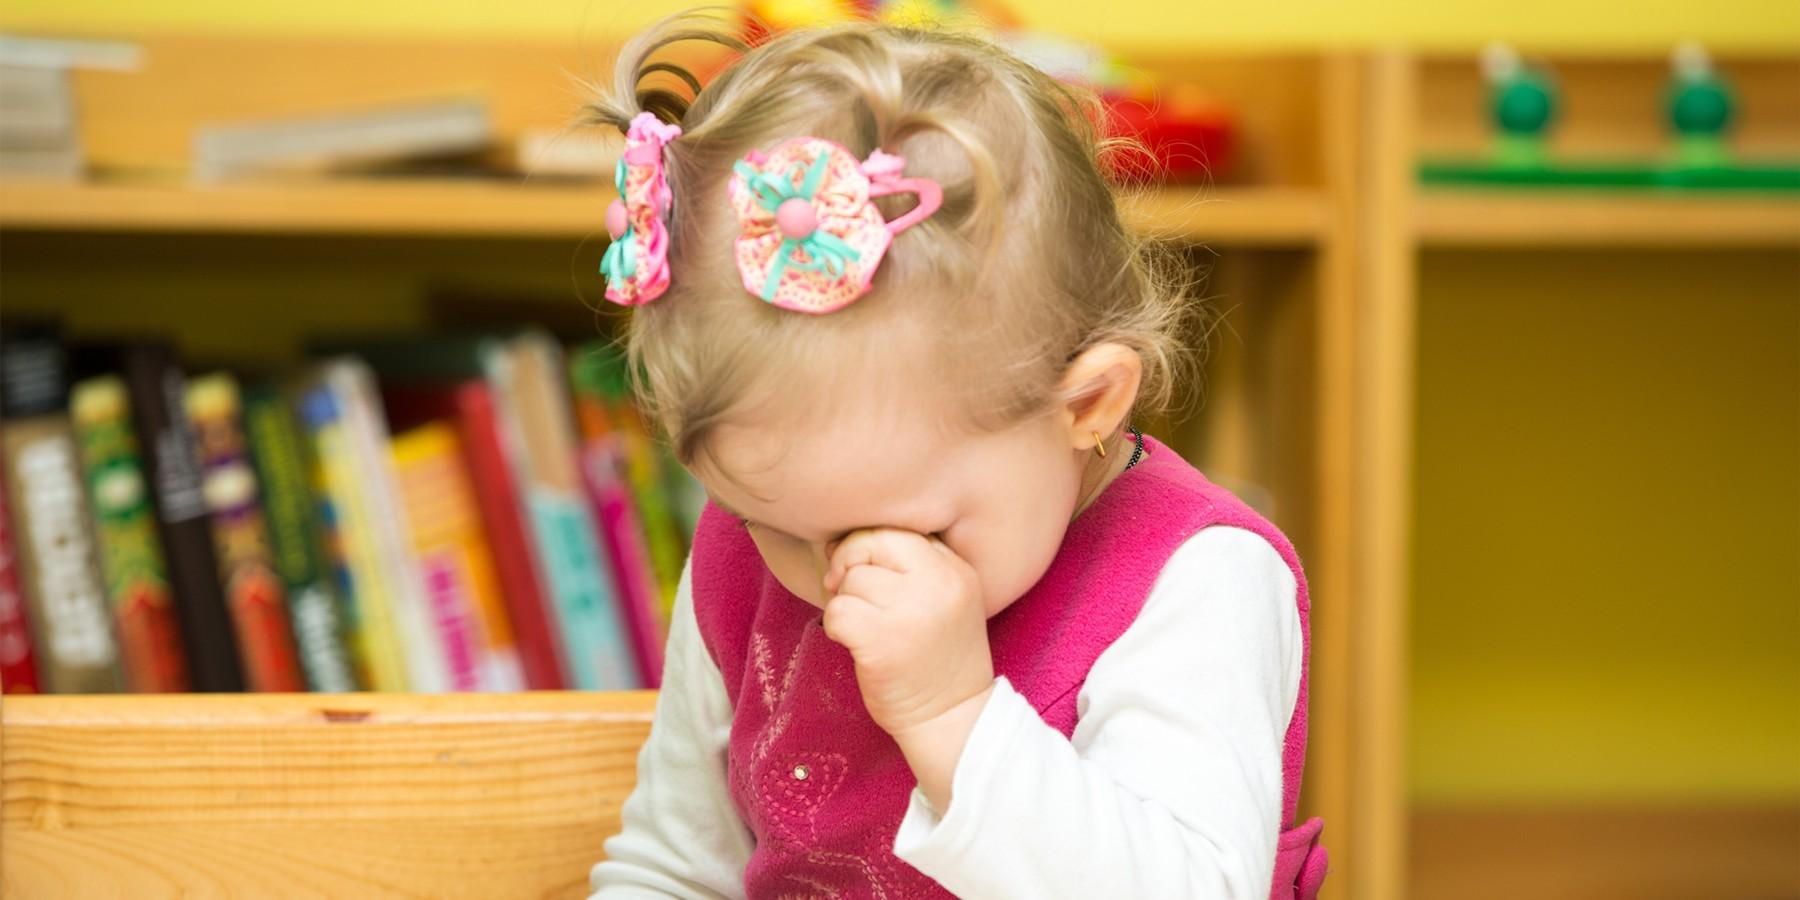 Нужно ли отдавать ребенка в детский садик — все «за и против»: мнение психологов